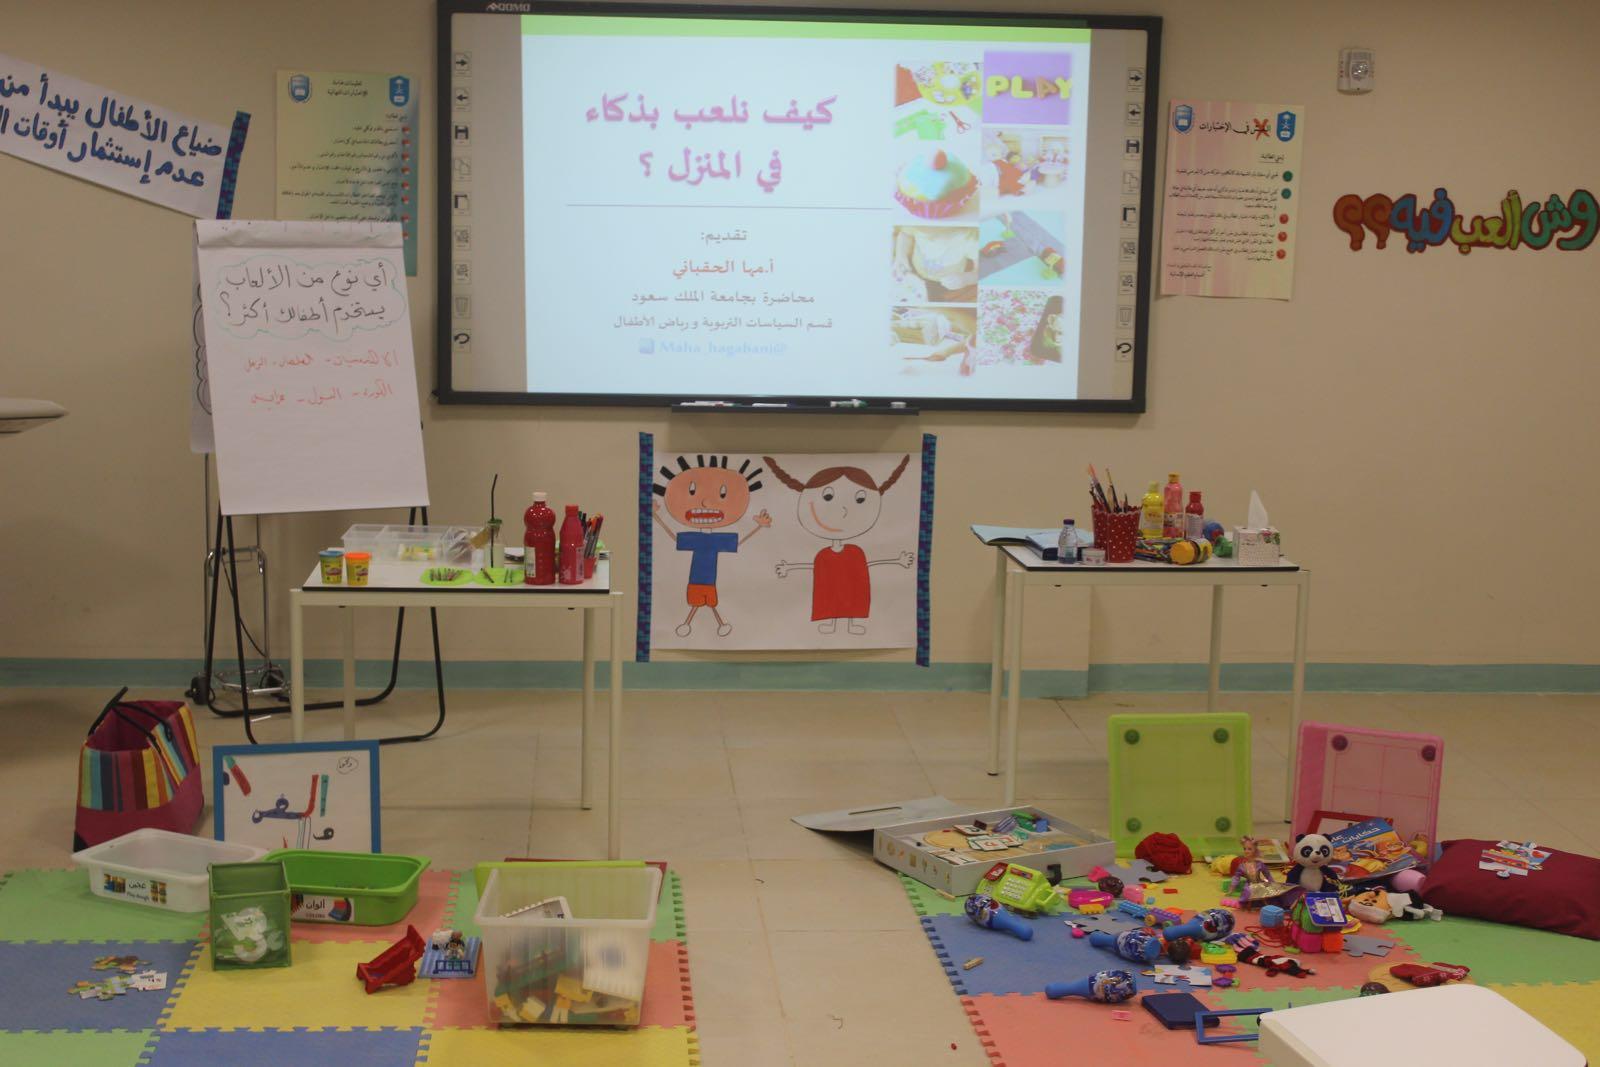 قاعة أول ورشة للعب في مؤتمر اللعب